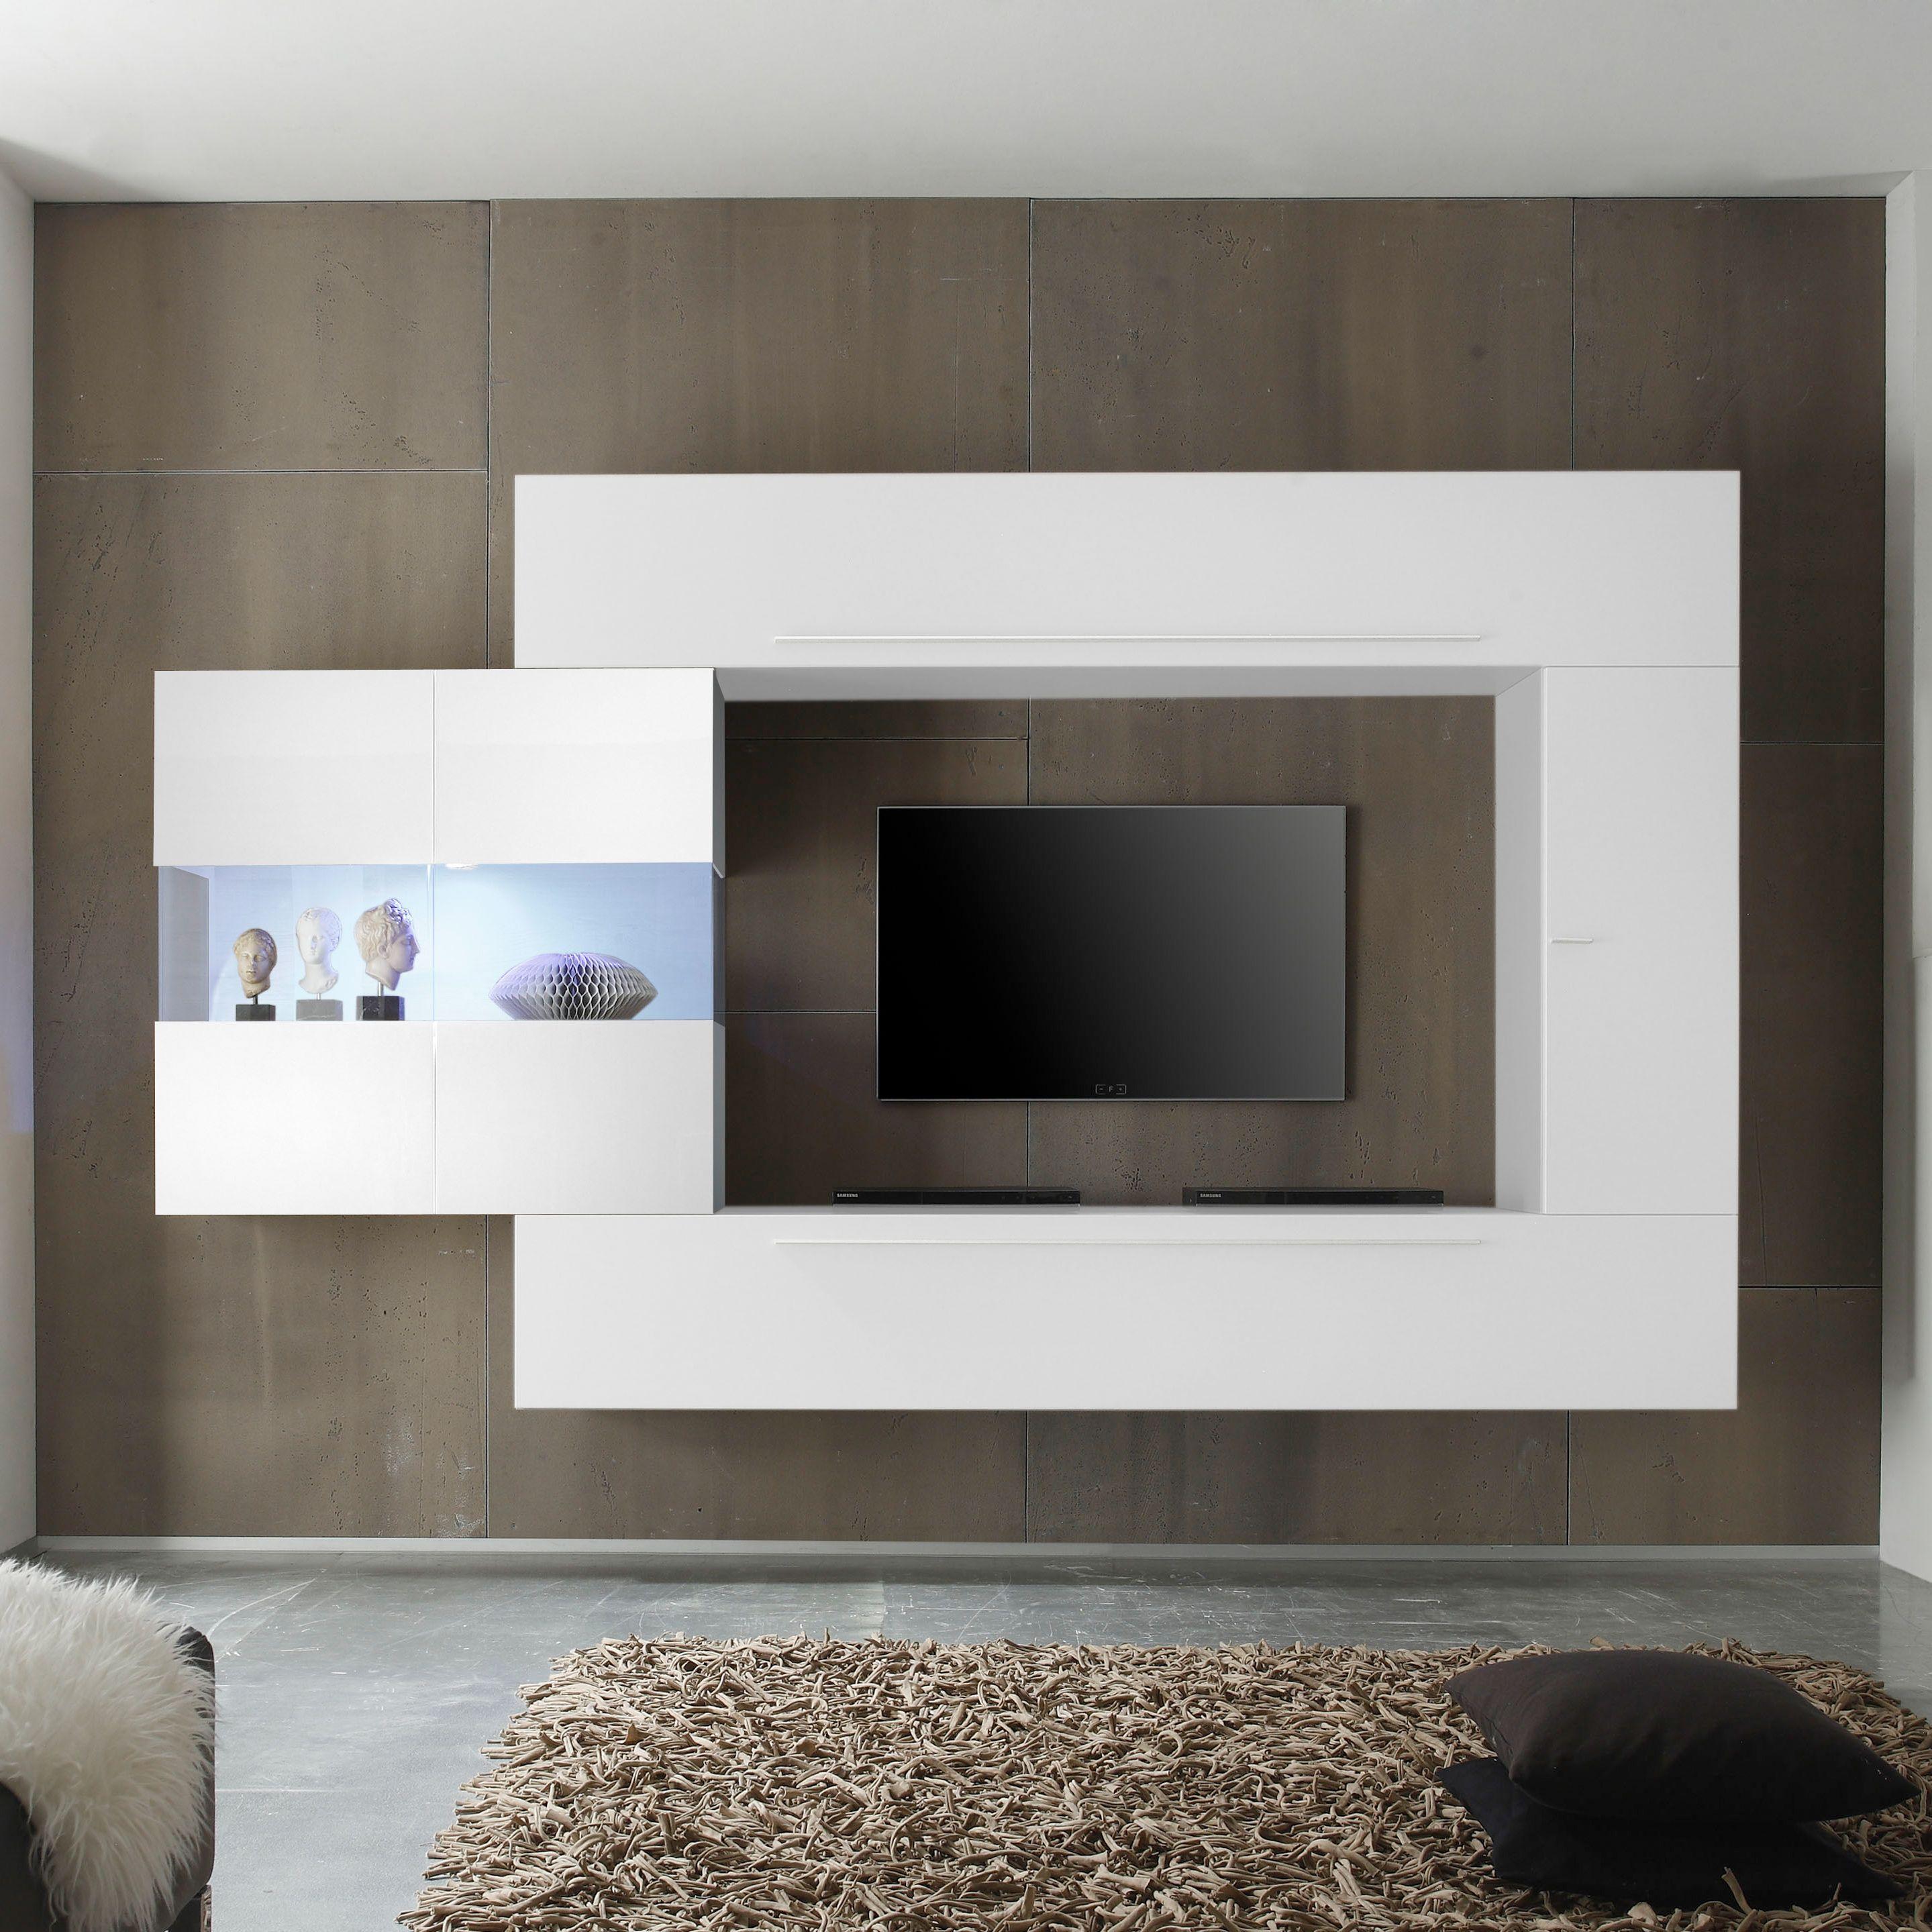 wohnwand elemente latest beliebt sparen wohnwand punch tlg von california nur zum wohnwand. Black Bedroom Furniture Sets. Home Design Ideas